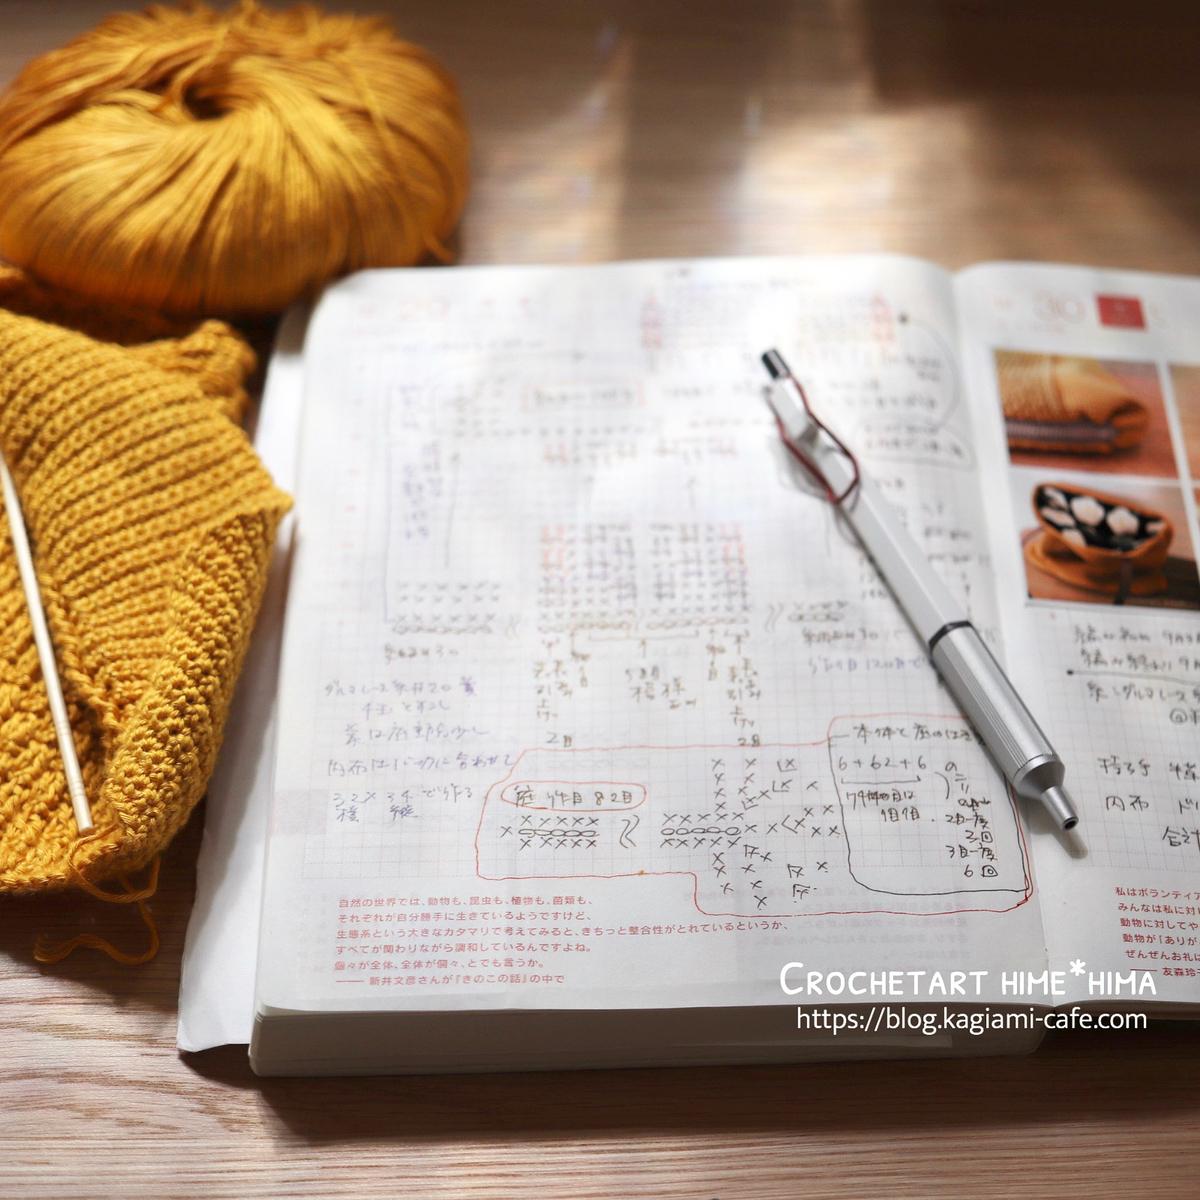 ほぼ日手帳に書いたトートバッグの編み図